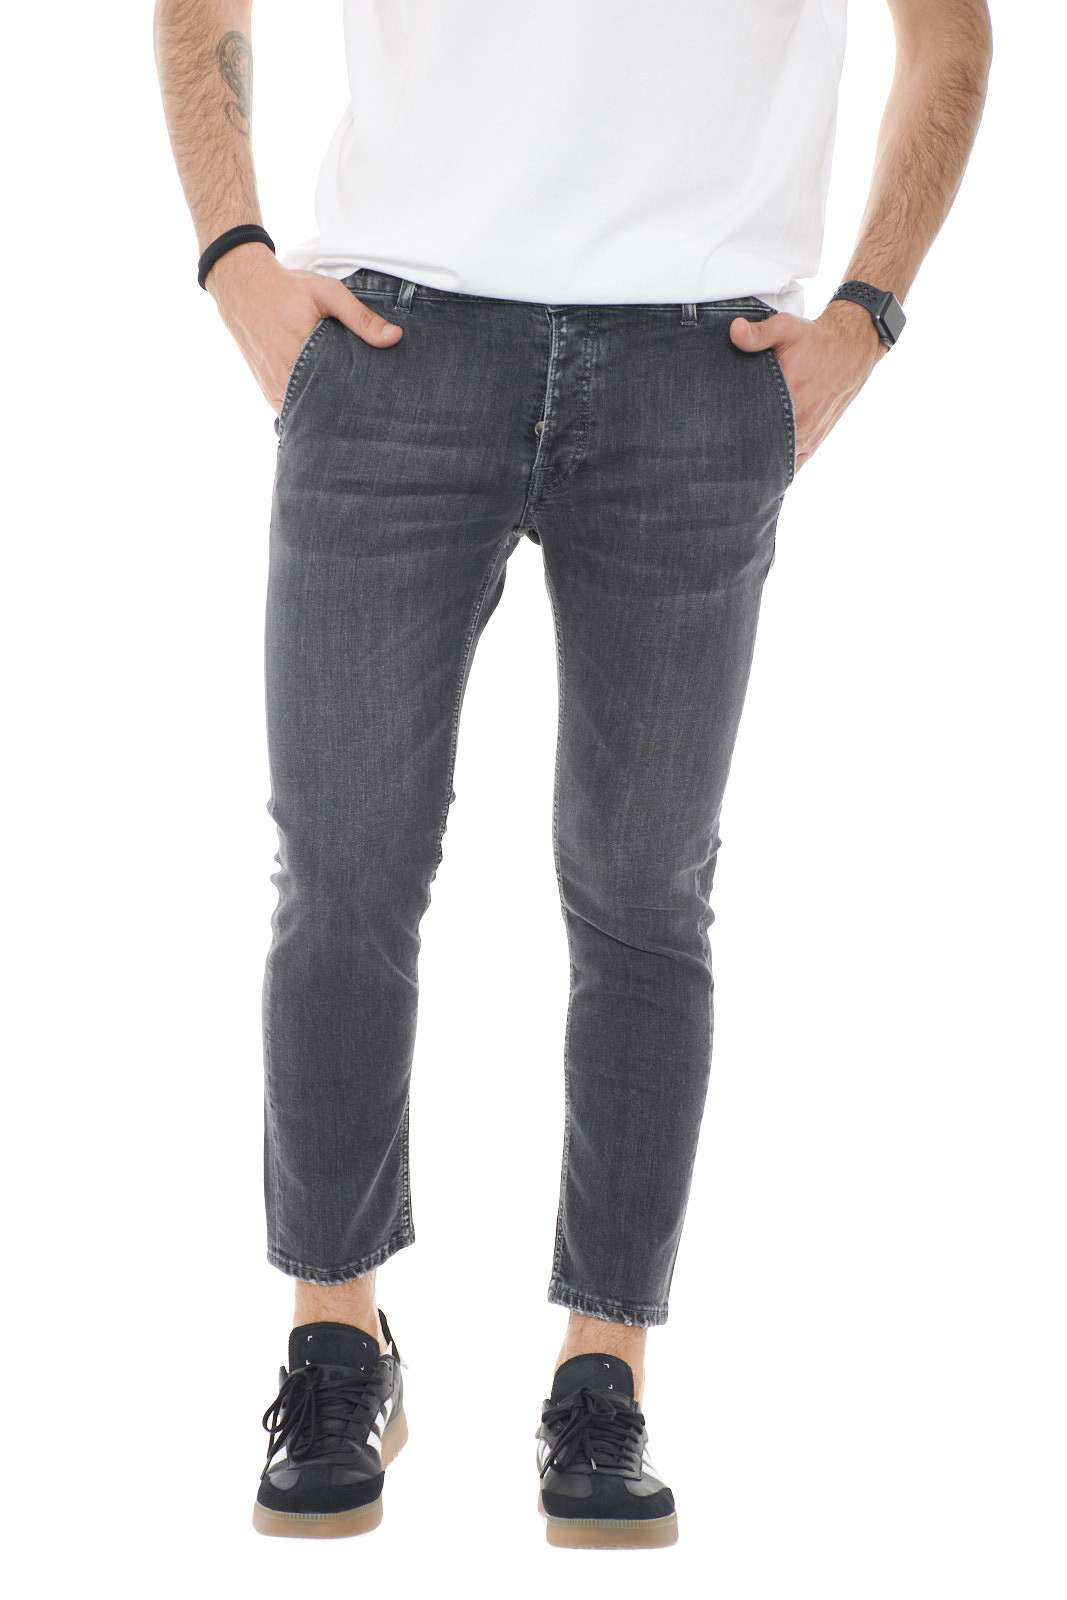 Semplice e comodo, il jeans firmato Michael Coal. Sempre alla moda, per l,uomo che vuole rendere il suo outfit impeccabile.